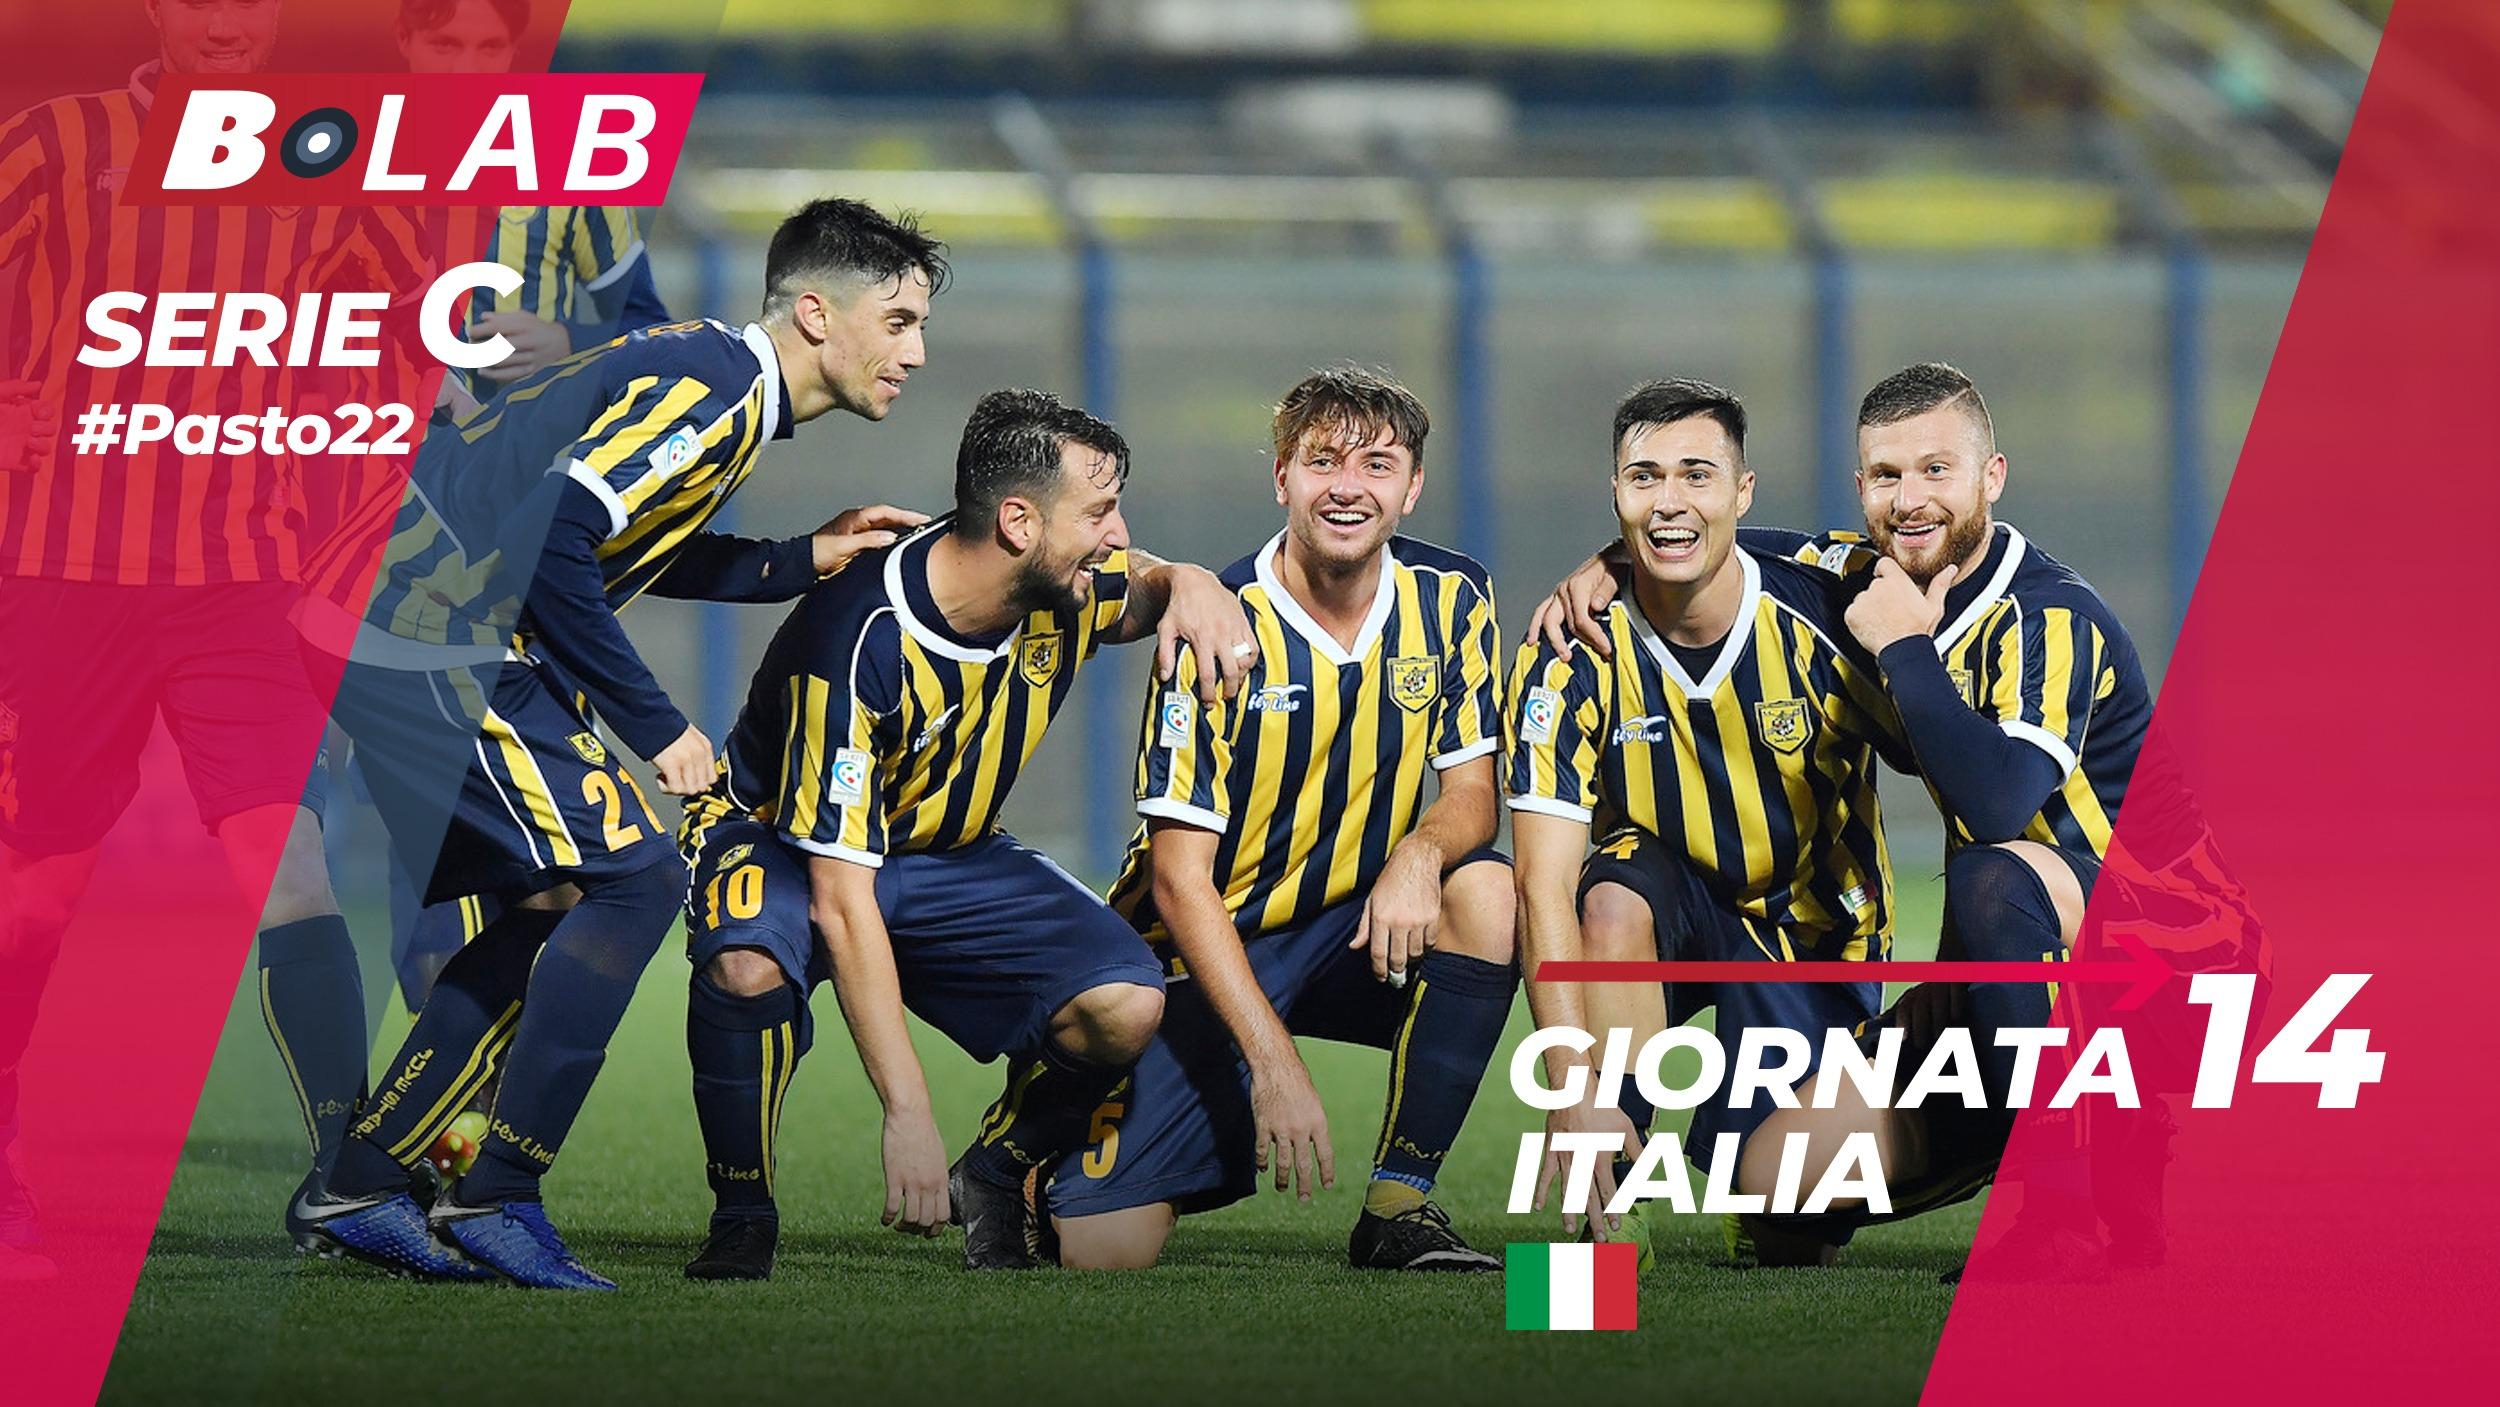 Pronostici Serie C 2 dicembre: #Csiamo, il blog di #Pasto22